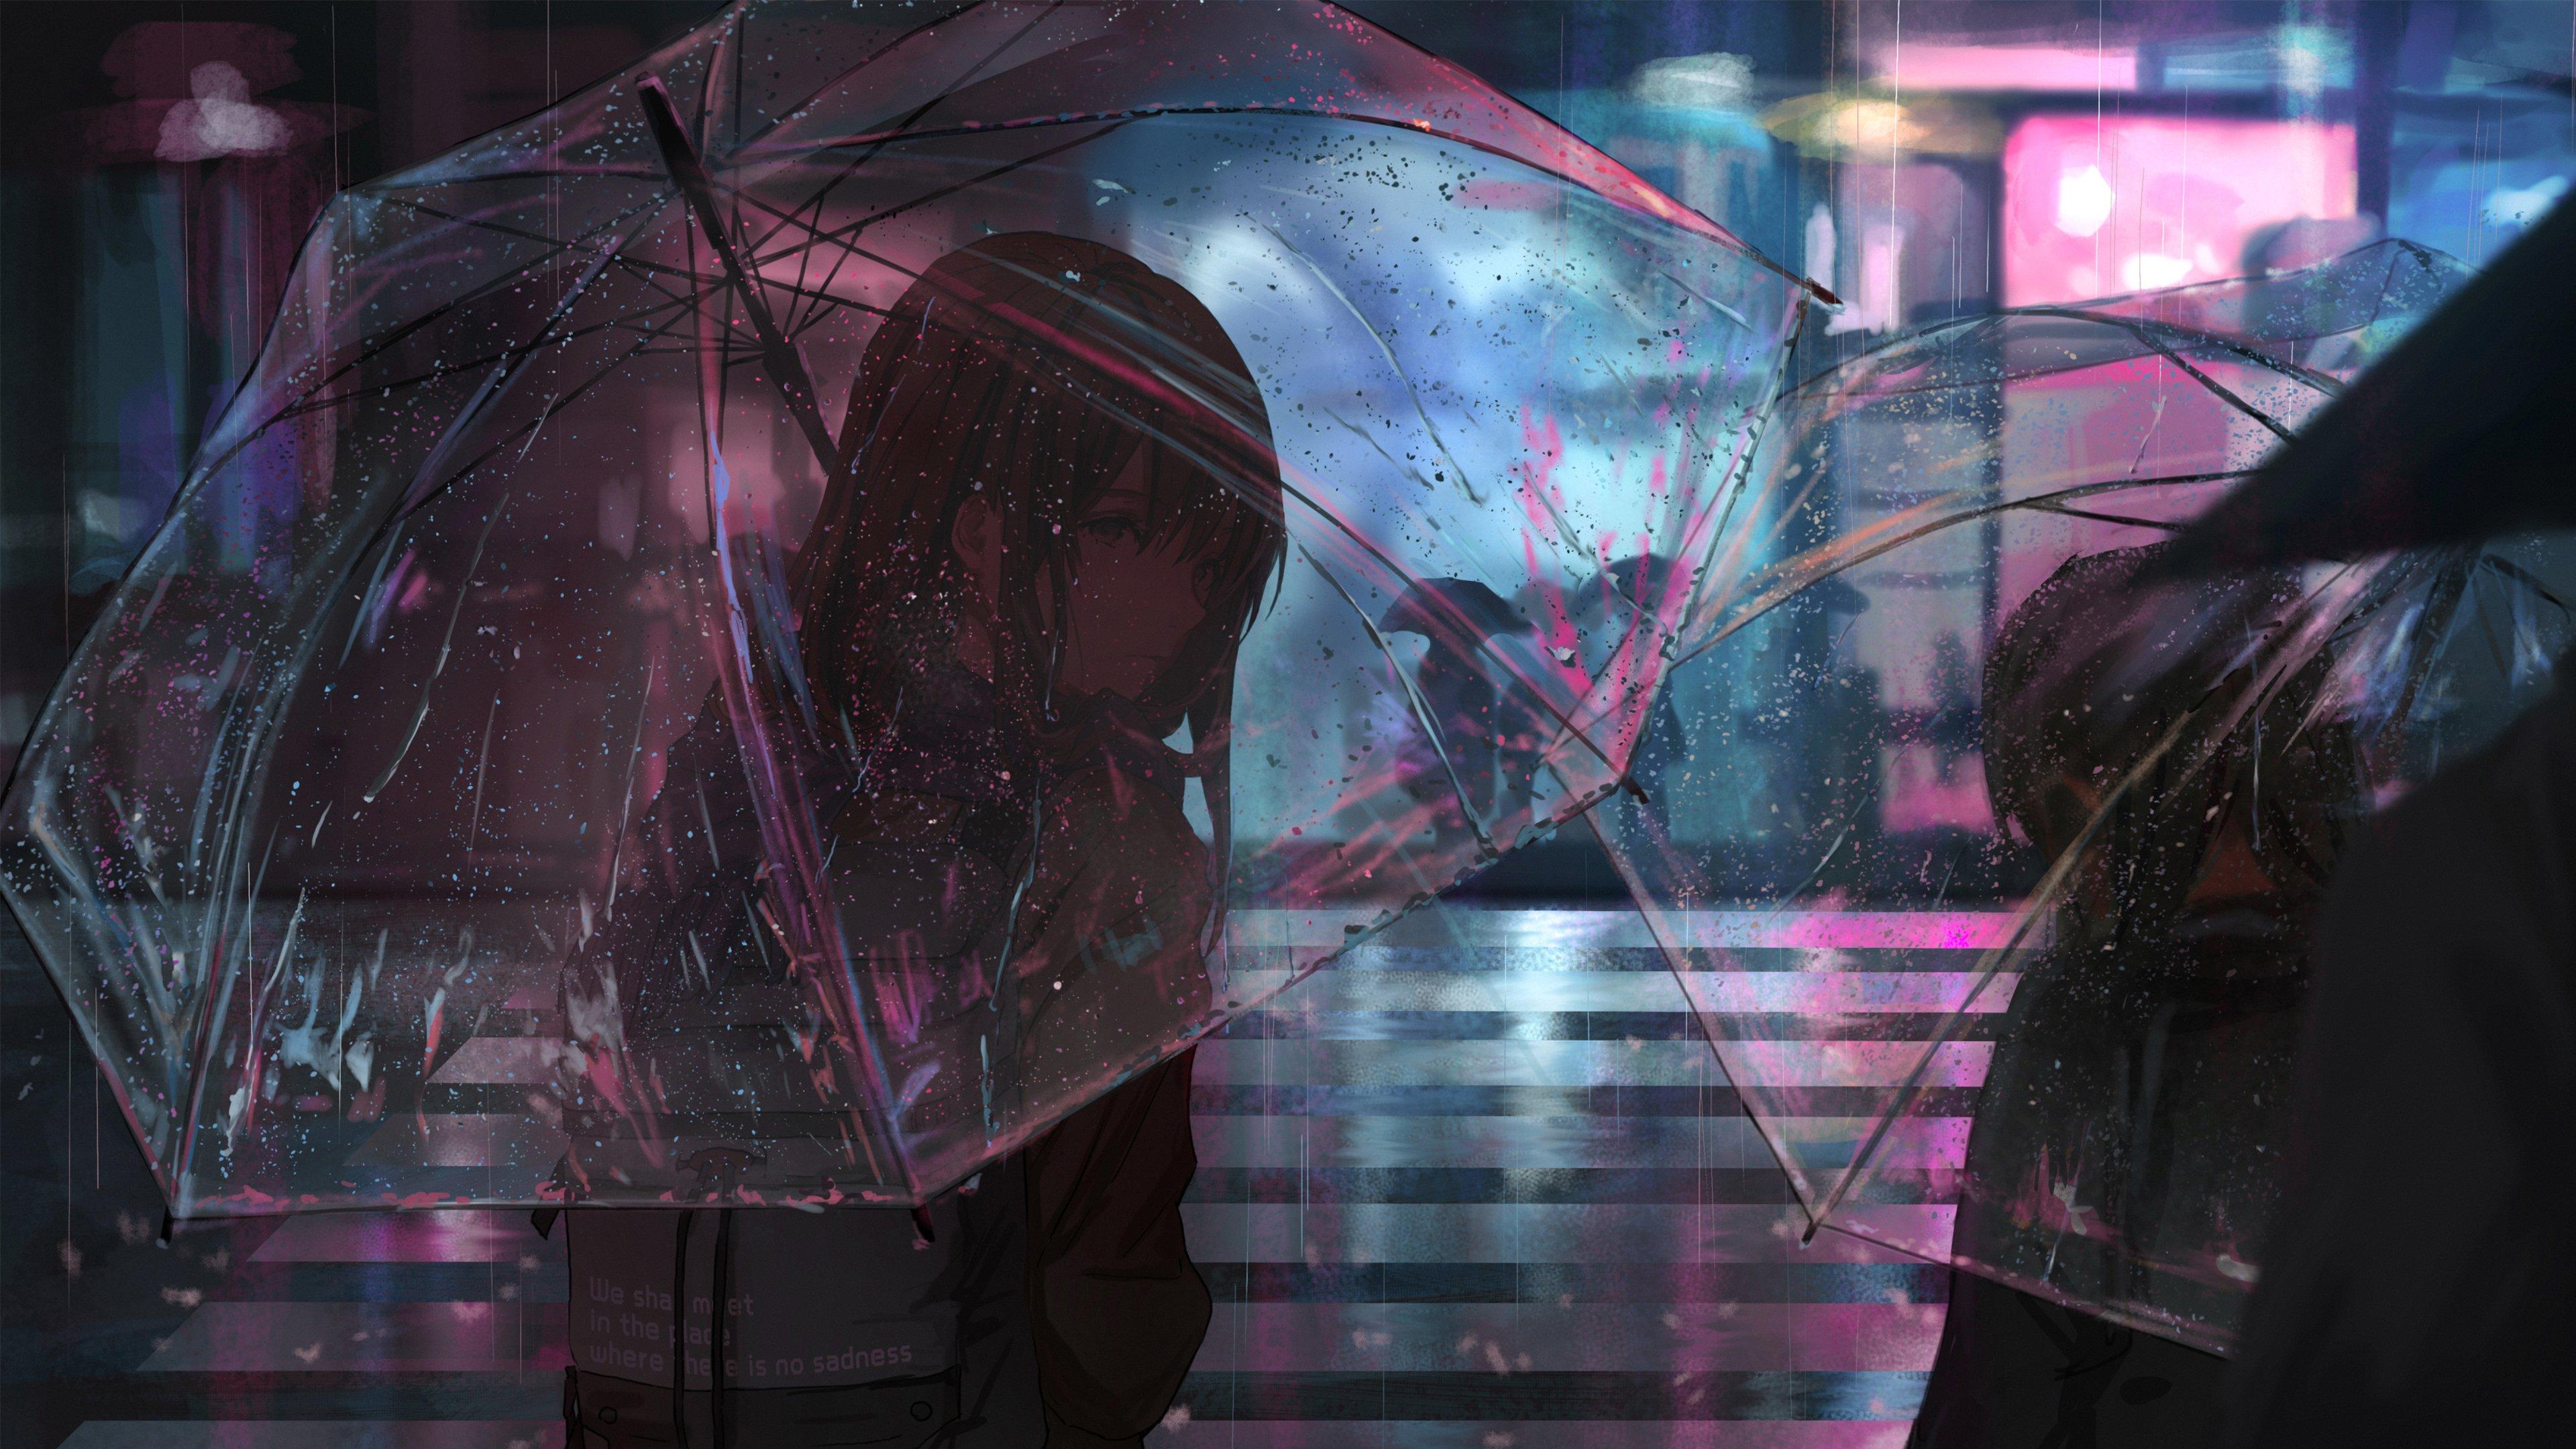 下雨 雨中 撑着透明雨伞的女孩唯美高清动漫壁纸,电脑桌面壁纸